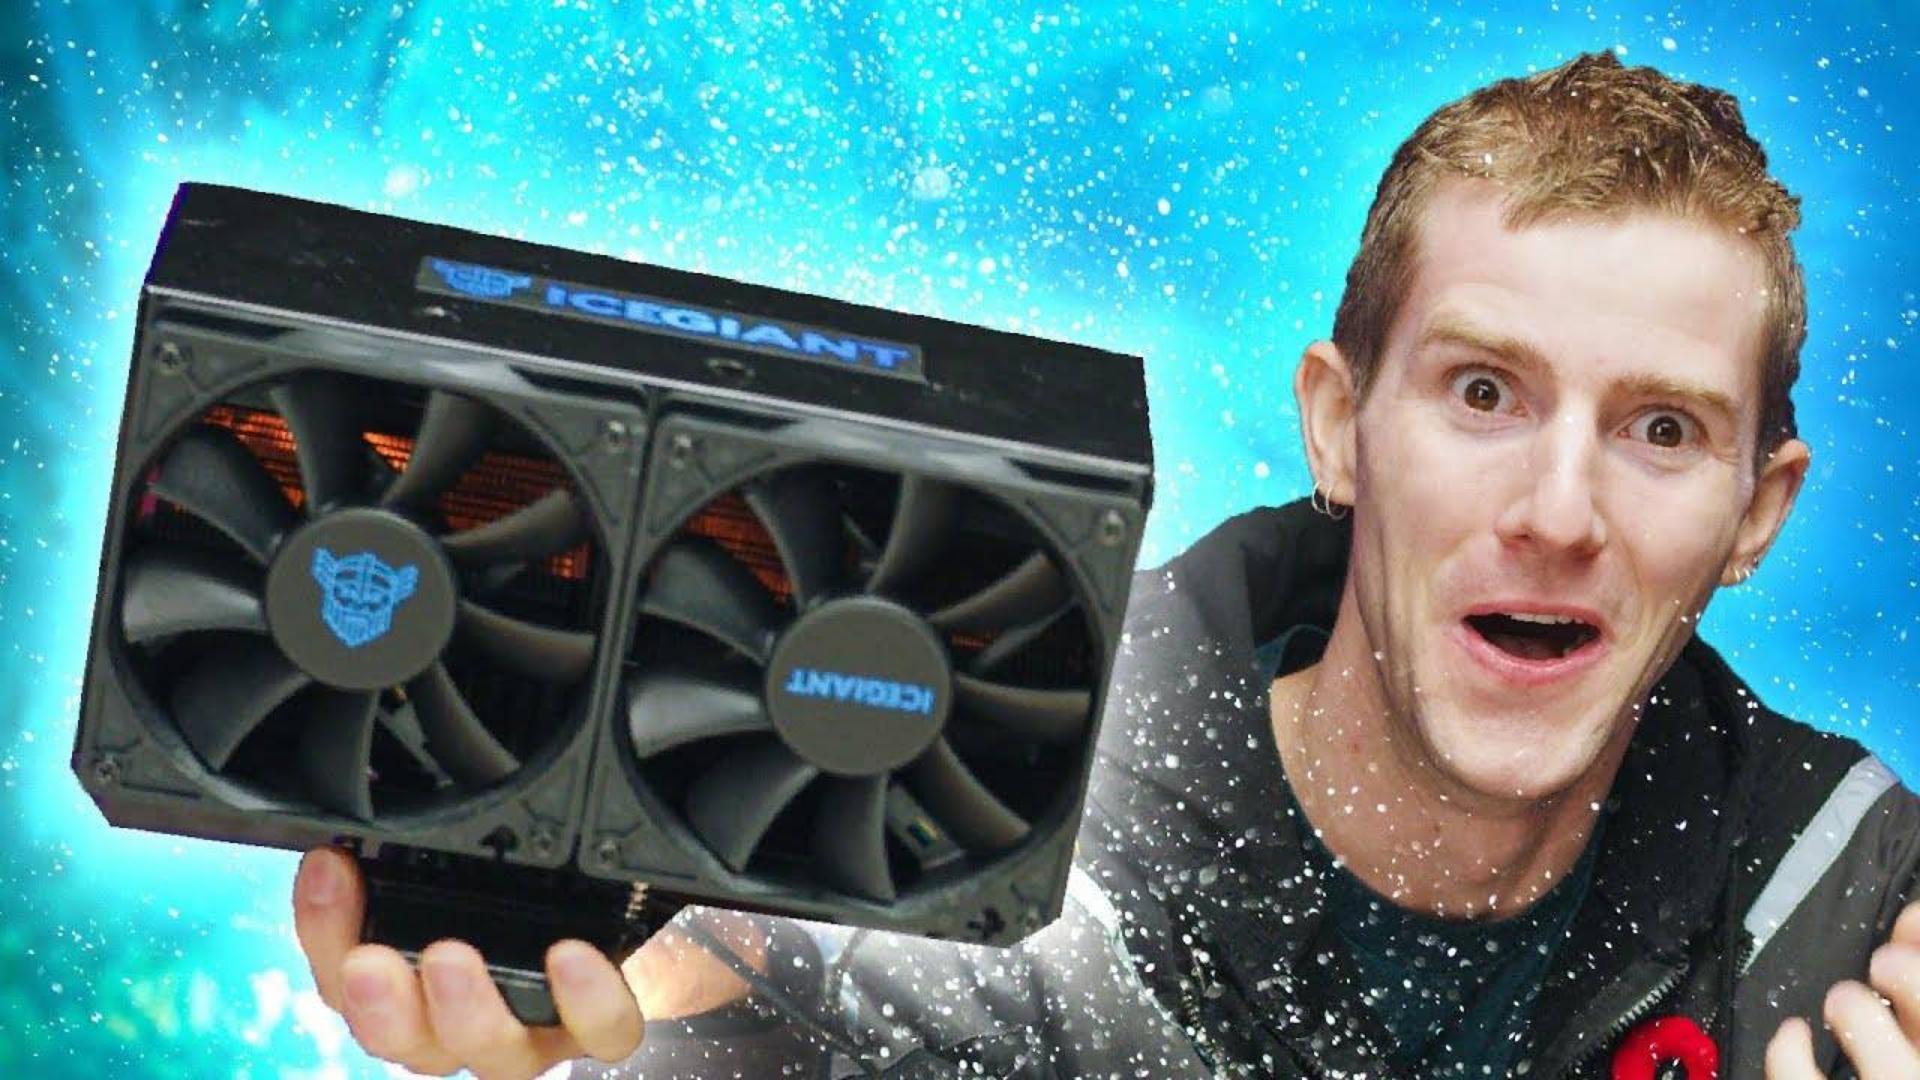 【官方双语】水冷已死?热虹吸散热器了解一下!#linus谈科技